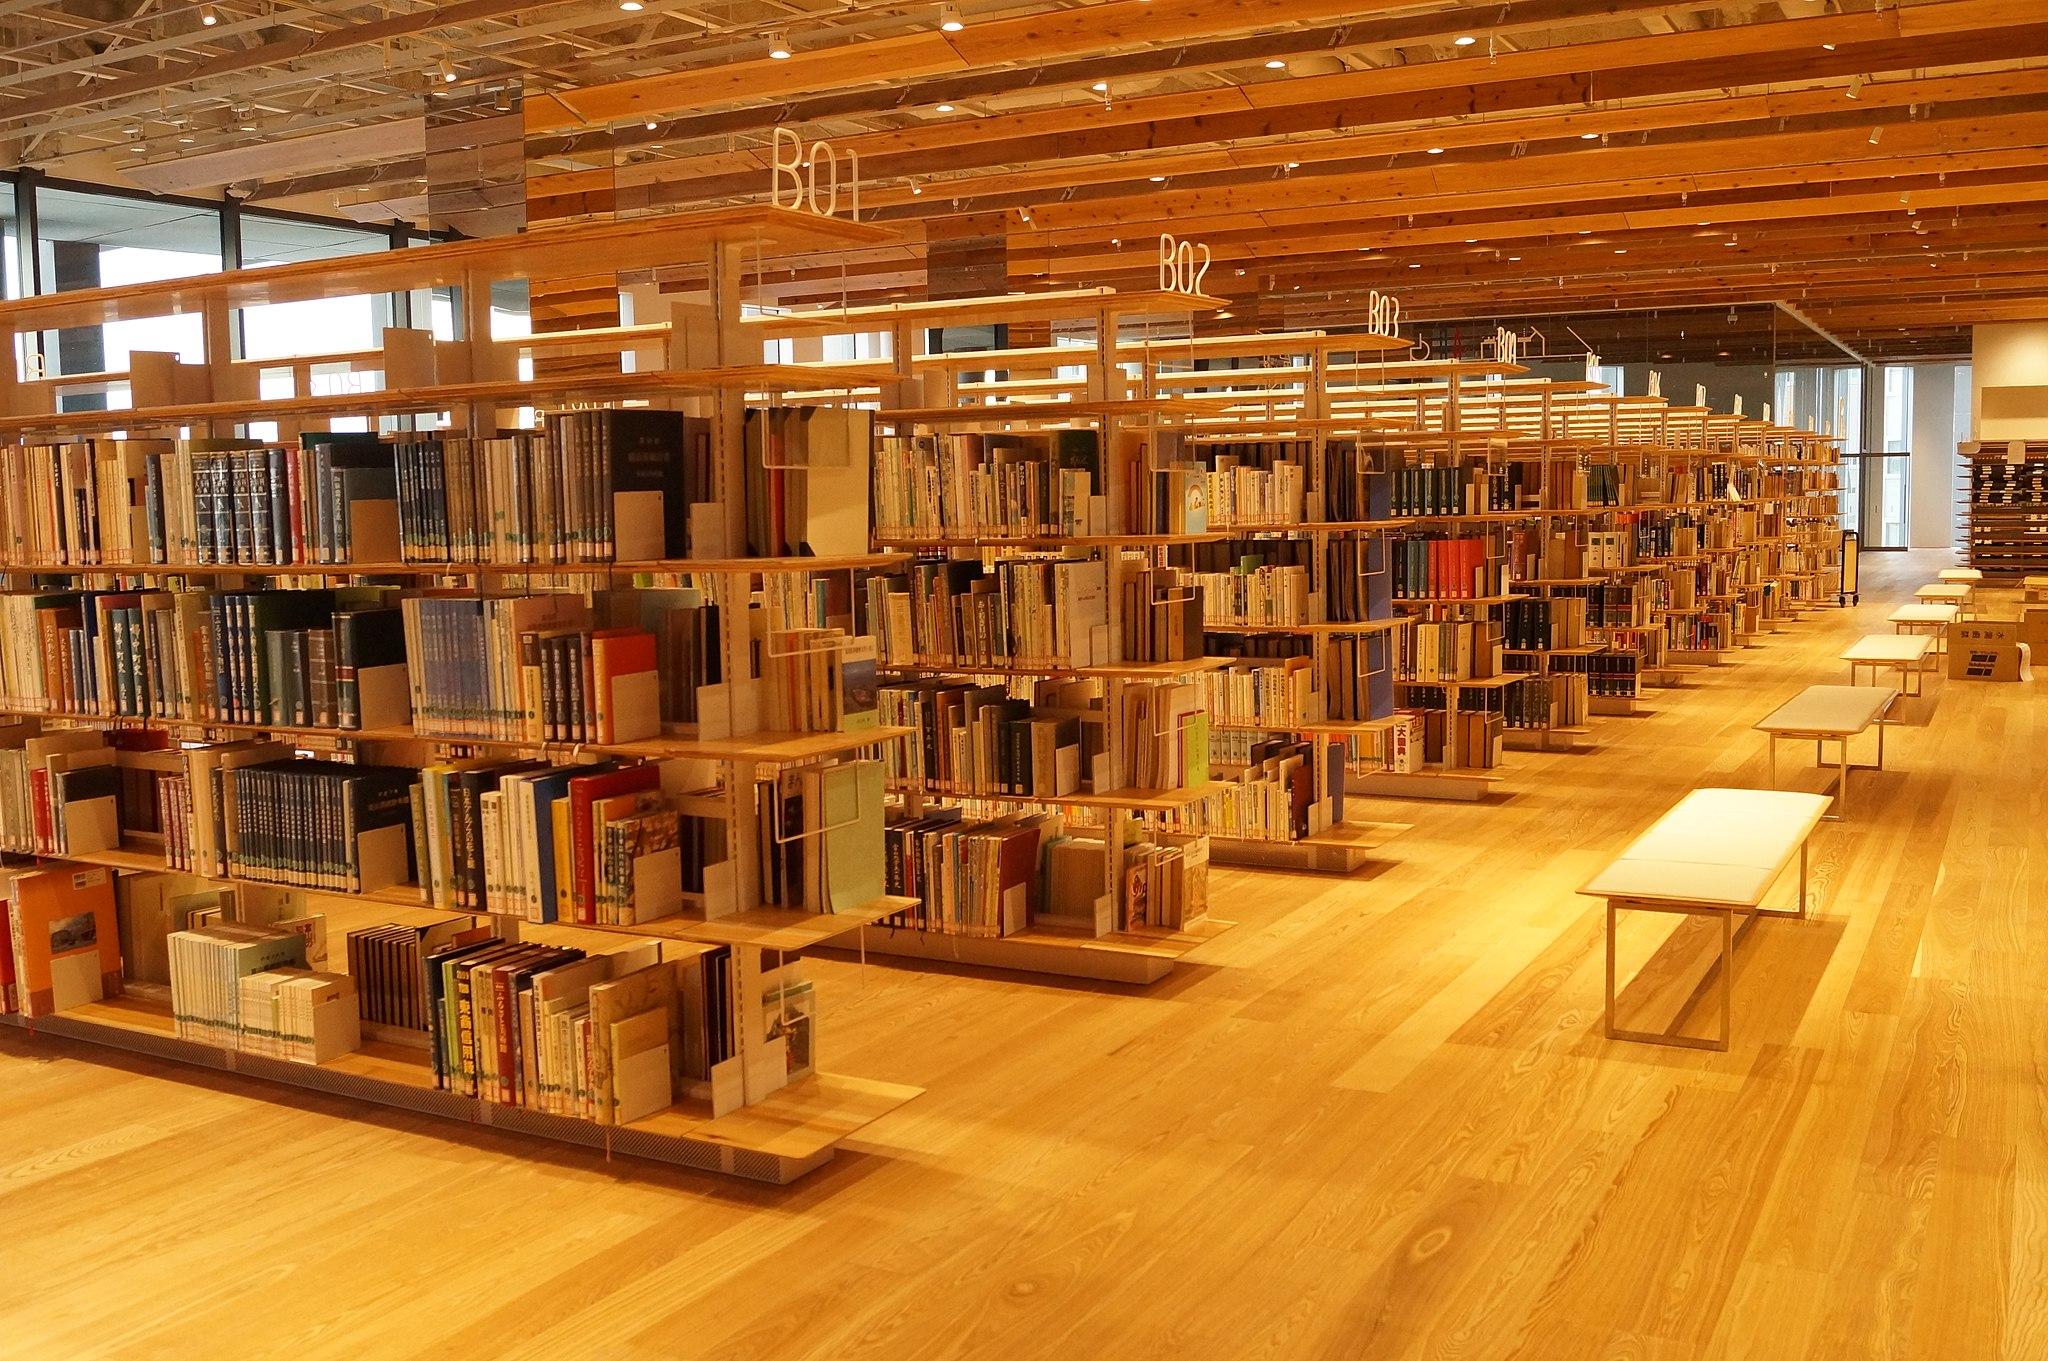 富山市立図書館開架書架